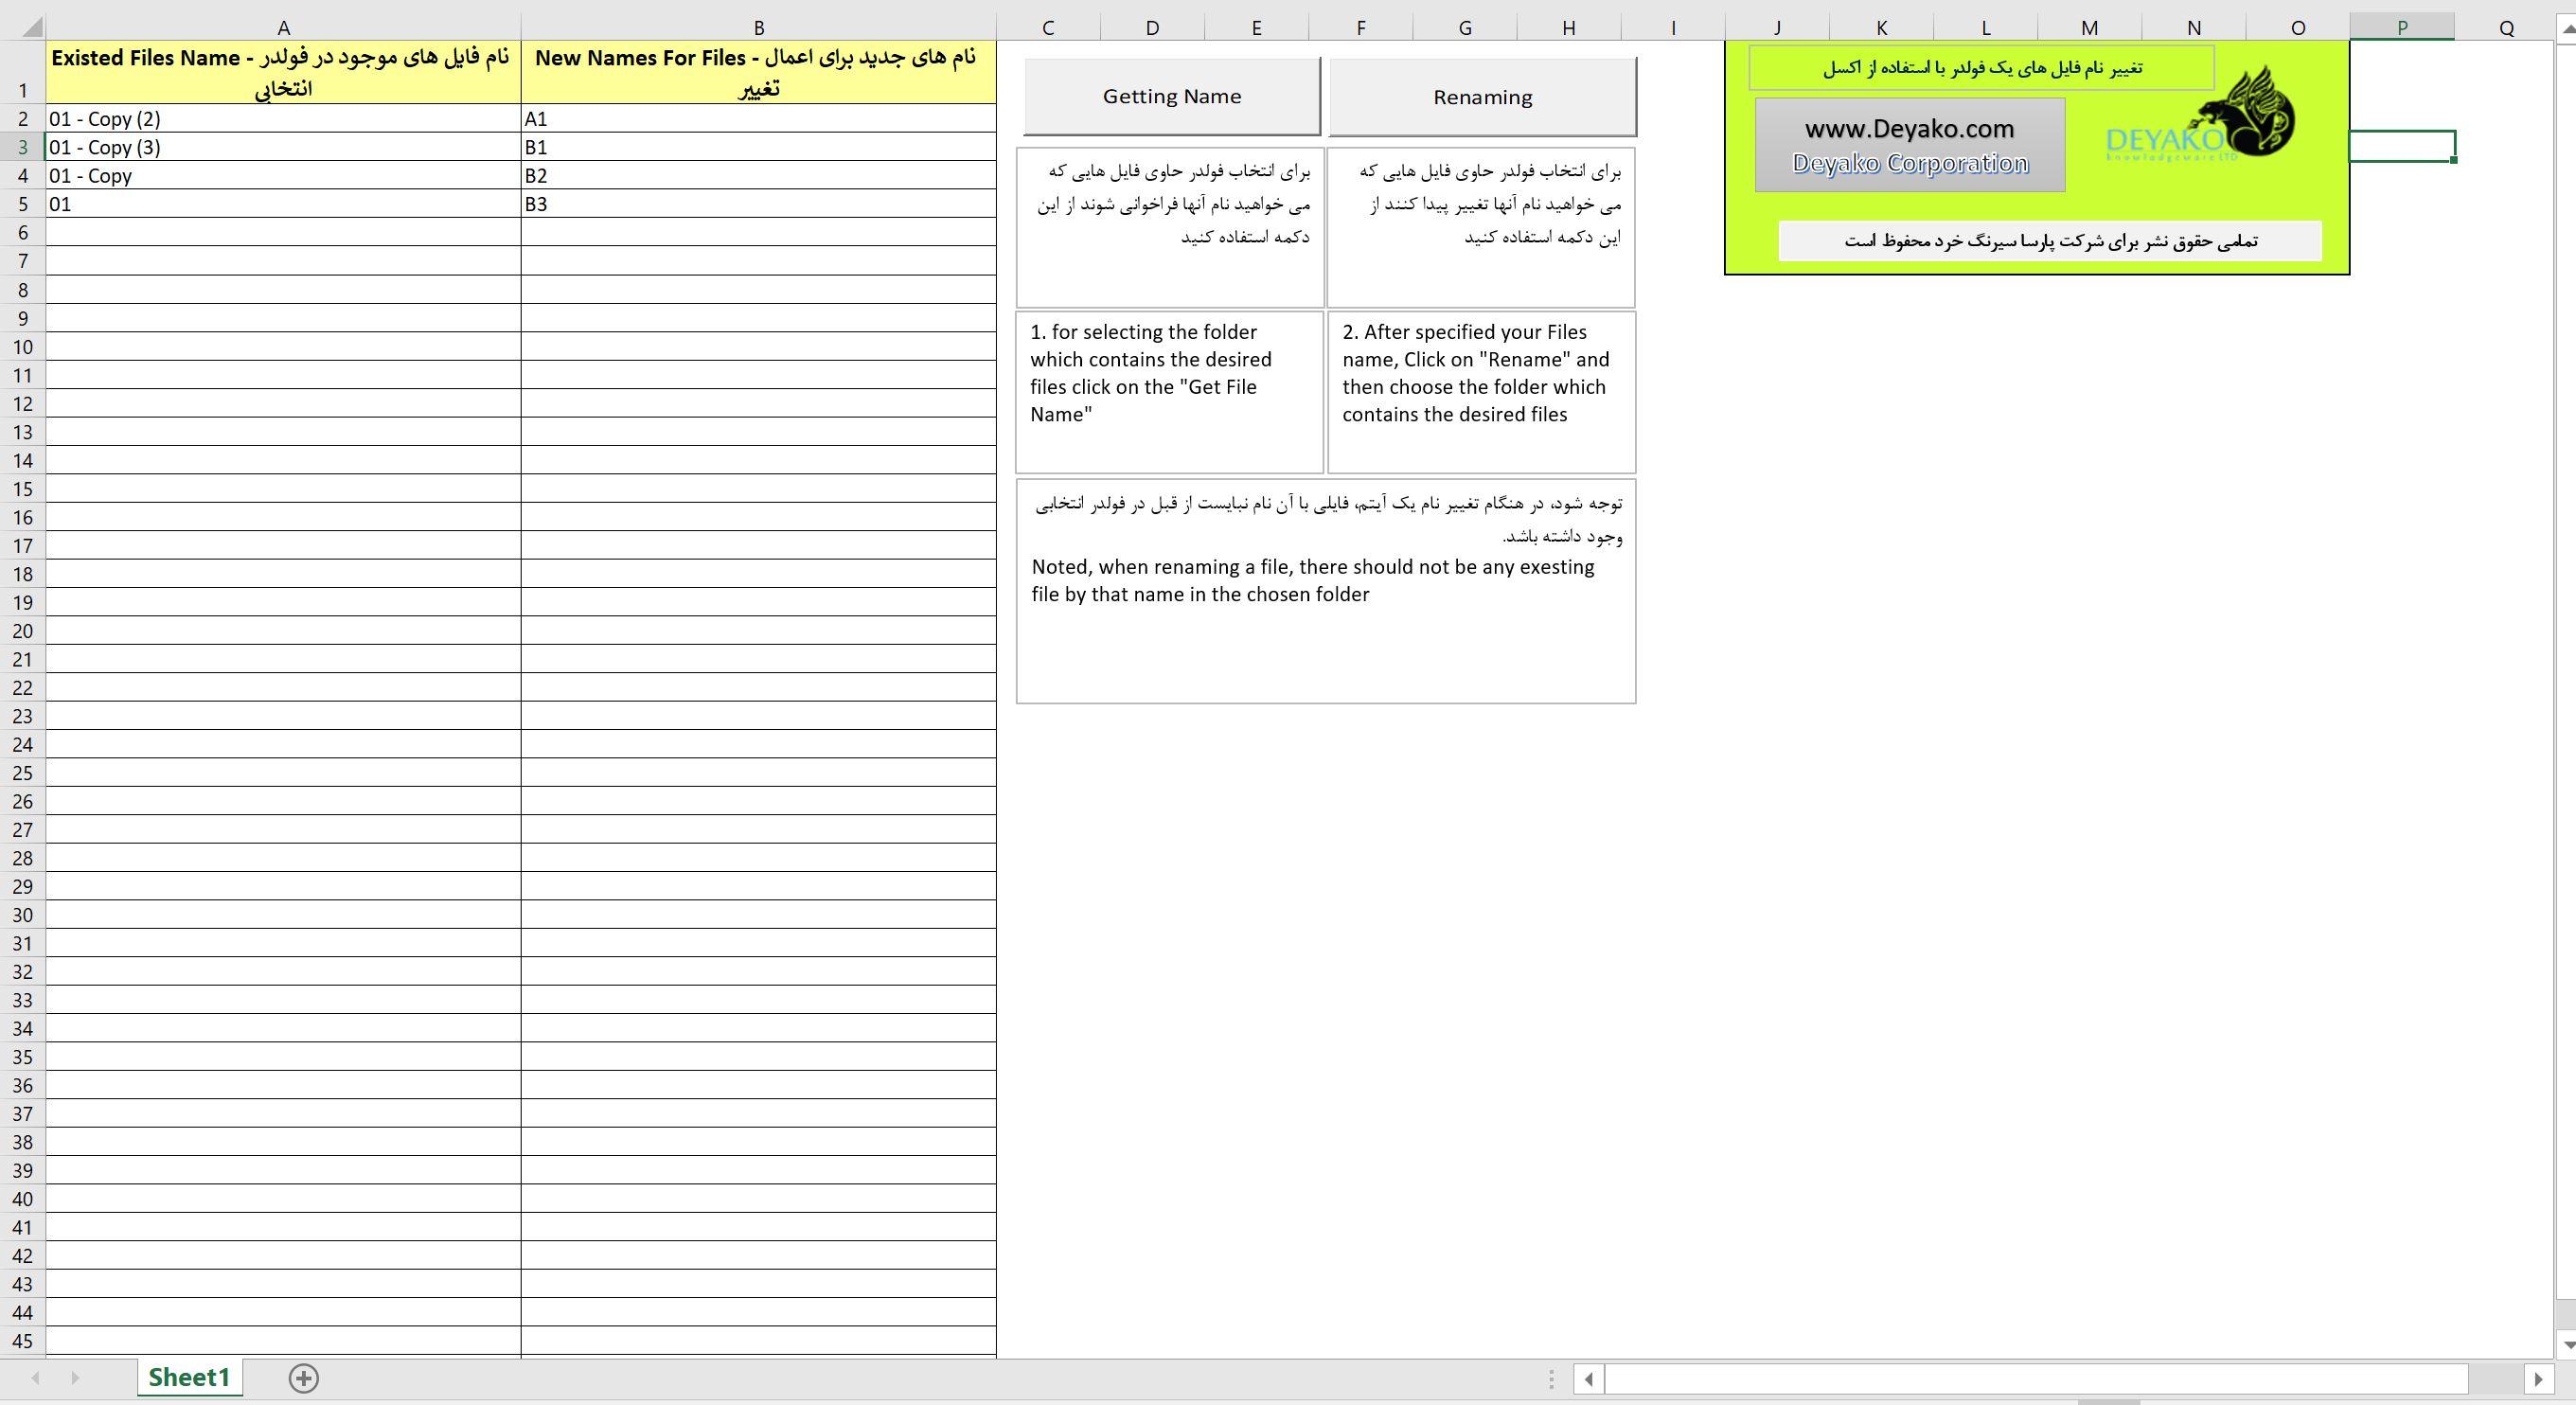 فراخوانی و تغییر نام فایل ها در یک فولدر توسط اکسل